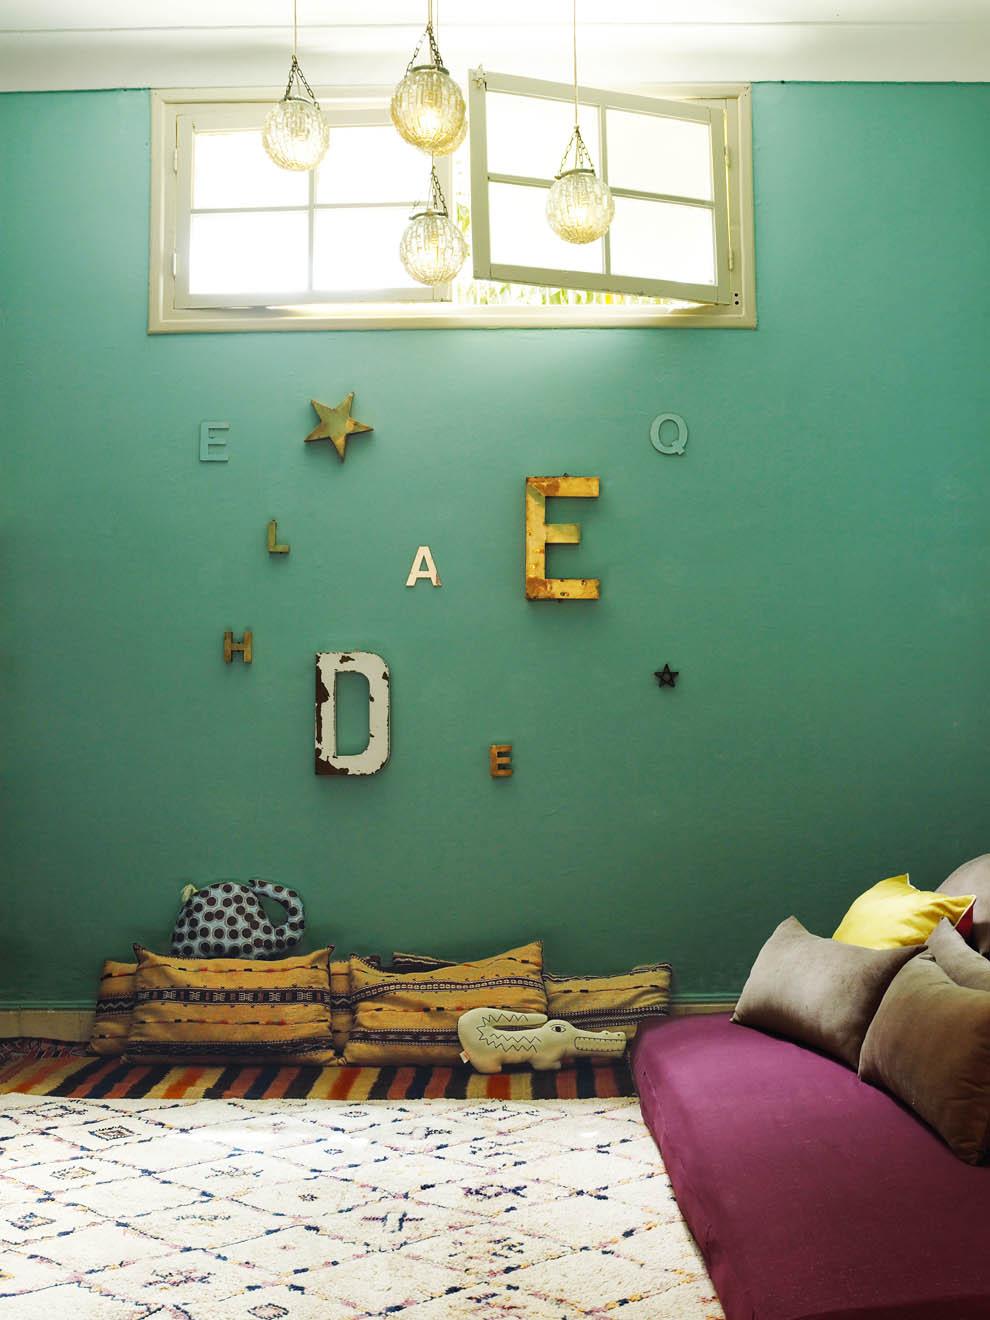 Un joli salon marocain, avec un tapis moelleux, des coussins colorés au sol et une jolie déco bohème sur un beau mur turquoise. Découvrez plus d'inspiration déco dans l'article !